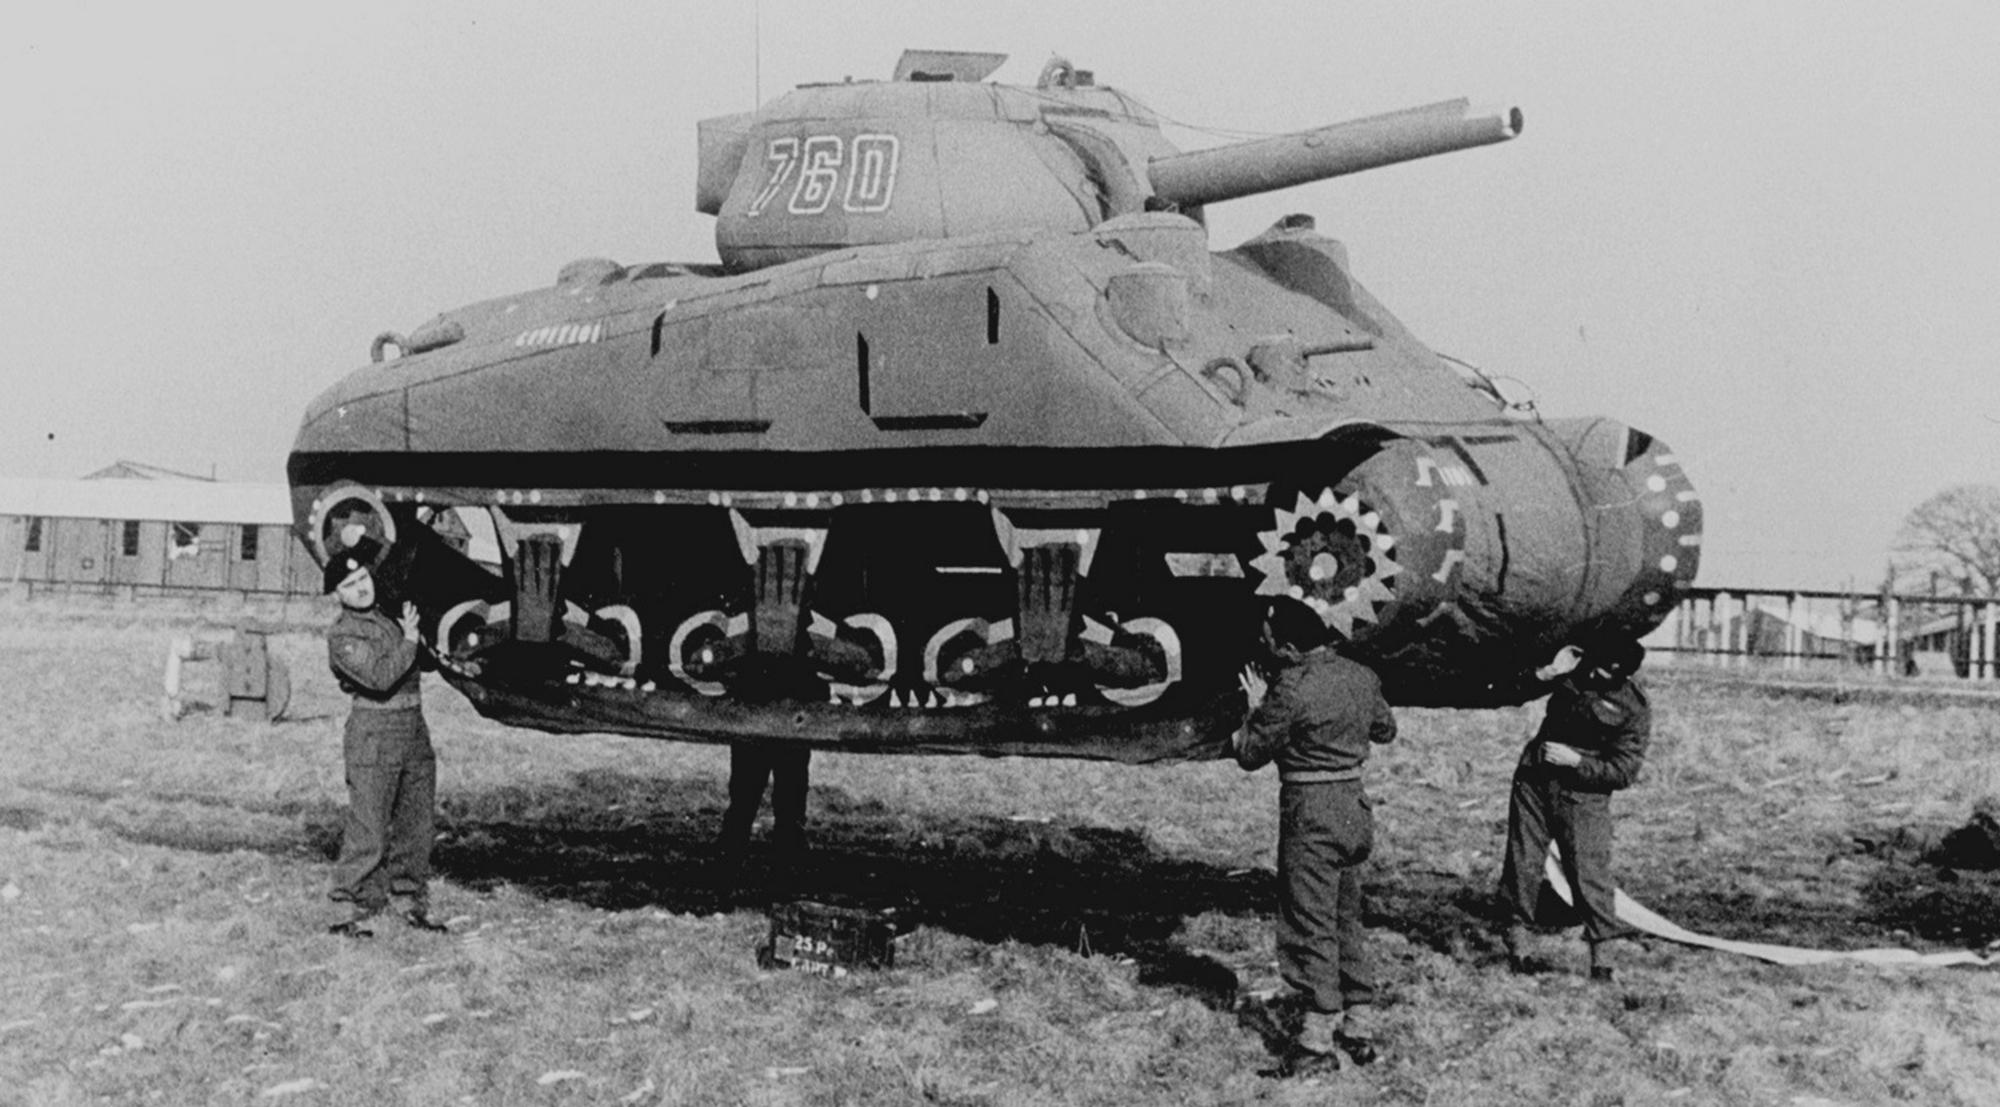 Прототип танка времен Второй Мировой Войны